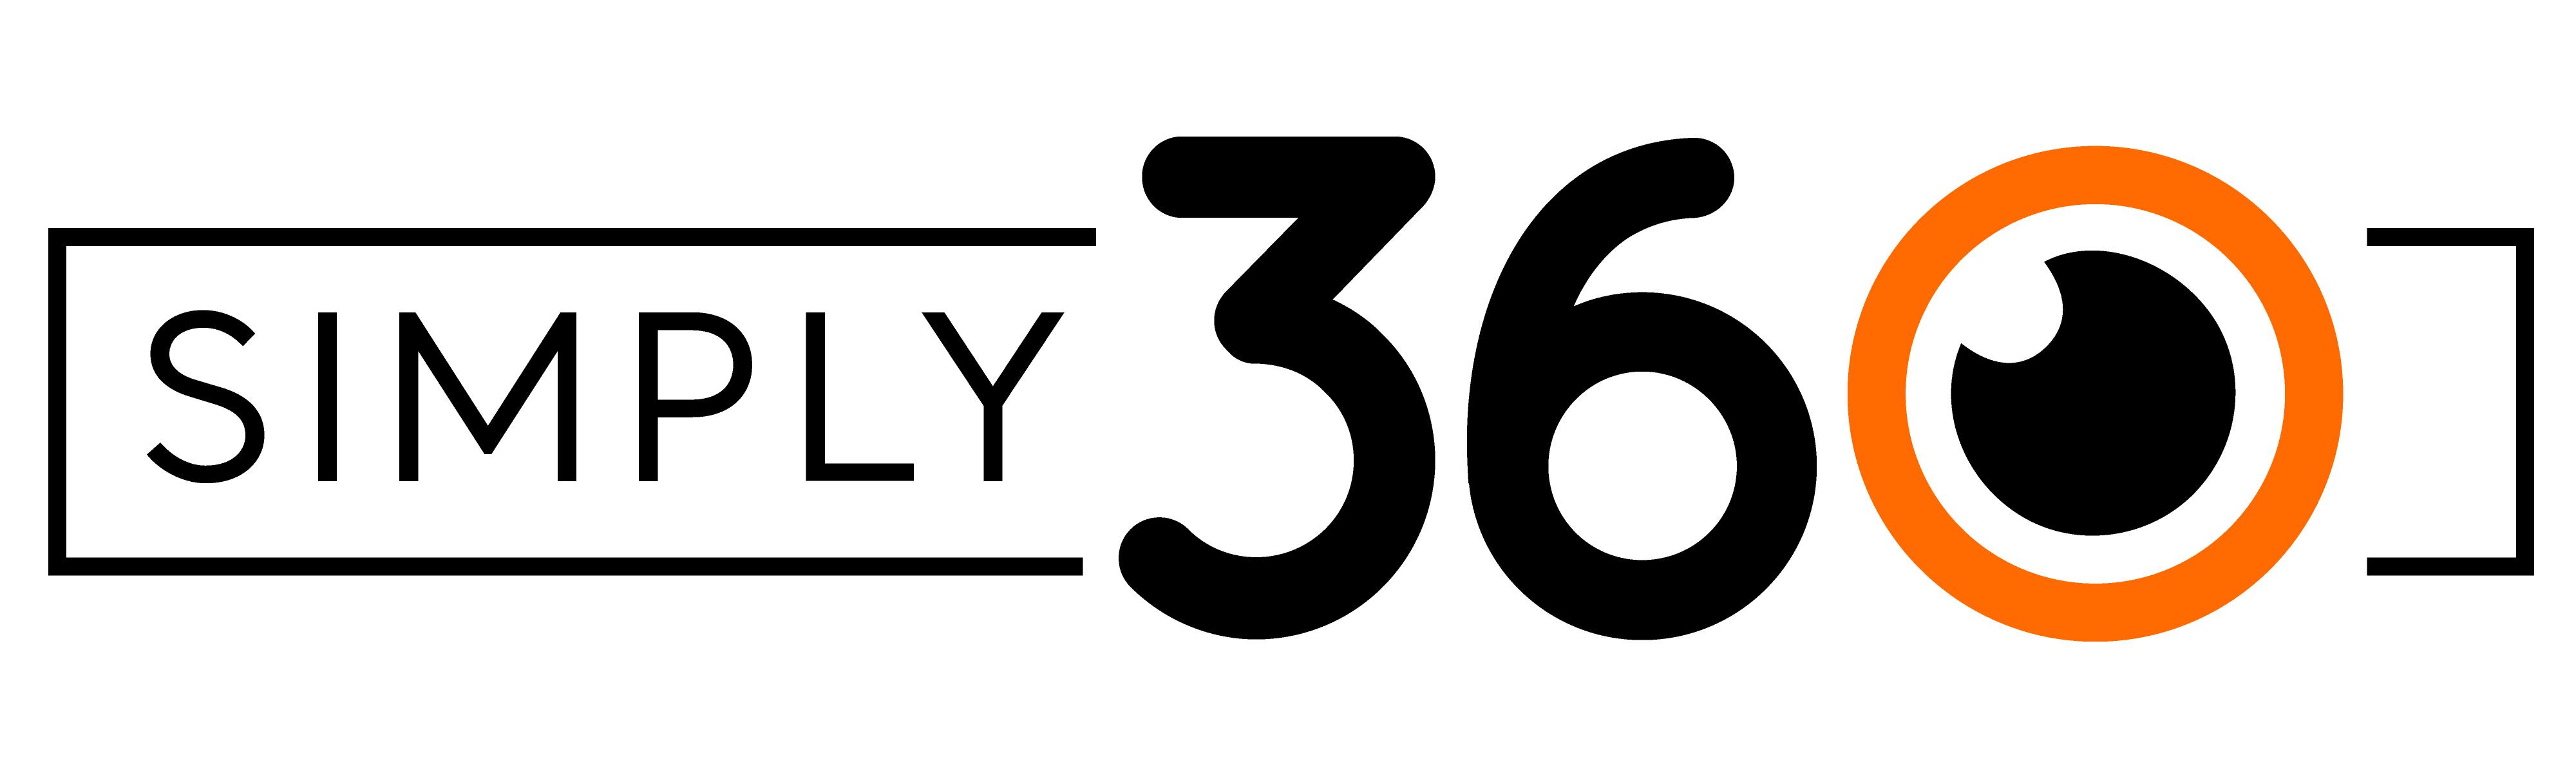 Simply 360